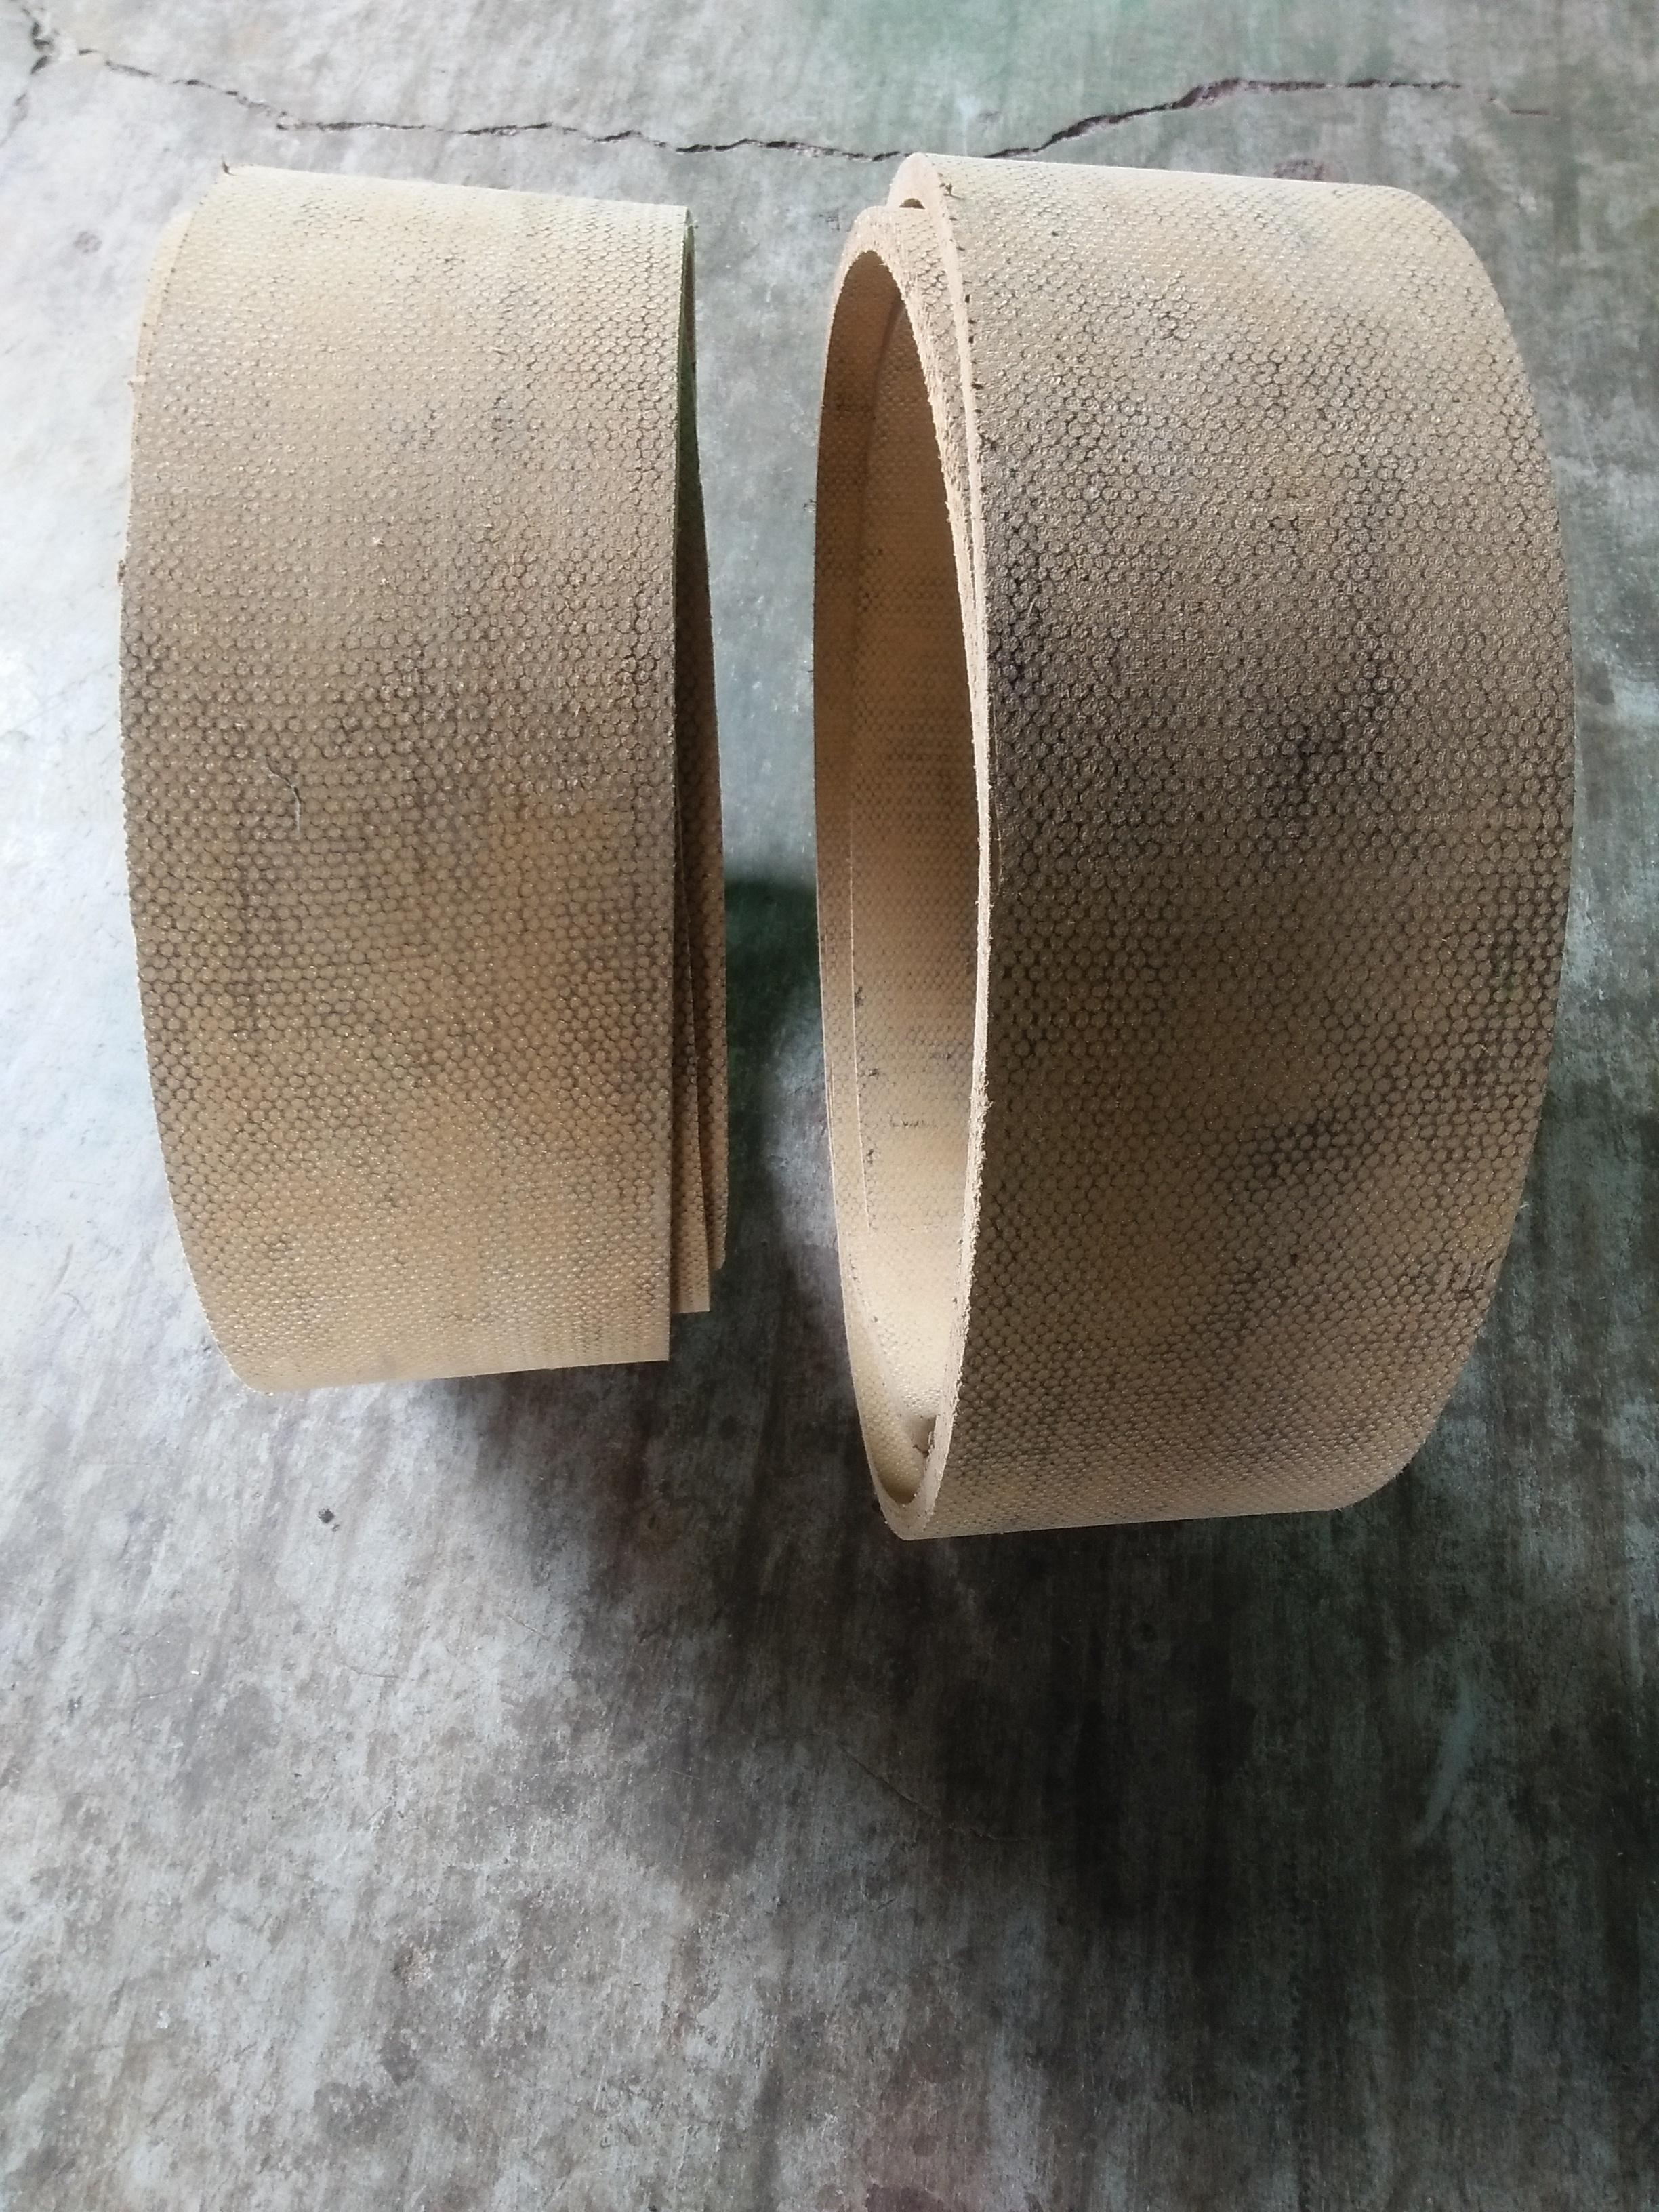 Asbestos Free Woven Brake